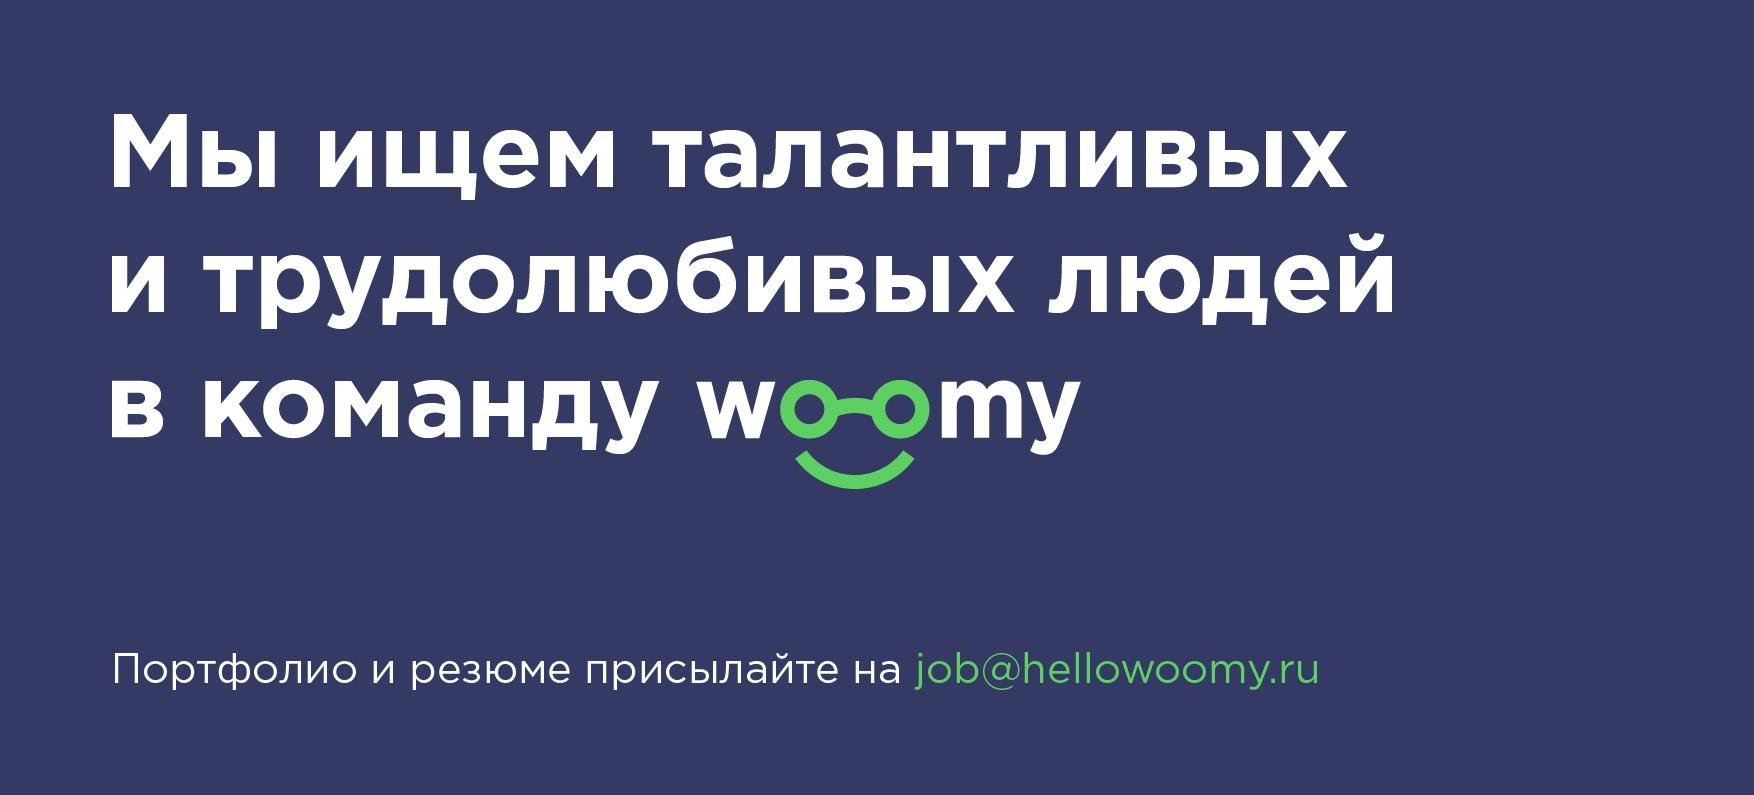 Вакансии Woomy